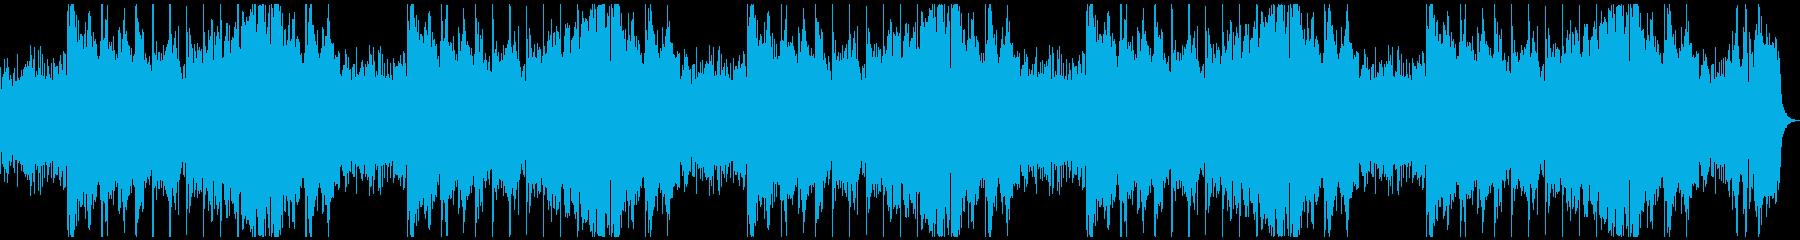 寂しく悲しい、ダークファンタジーホラーLの再生済みの波形